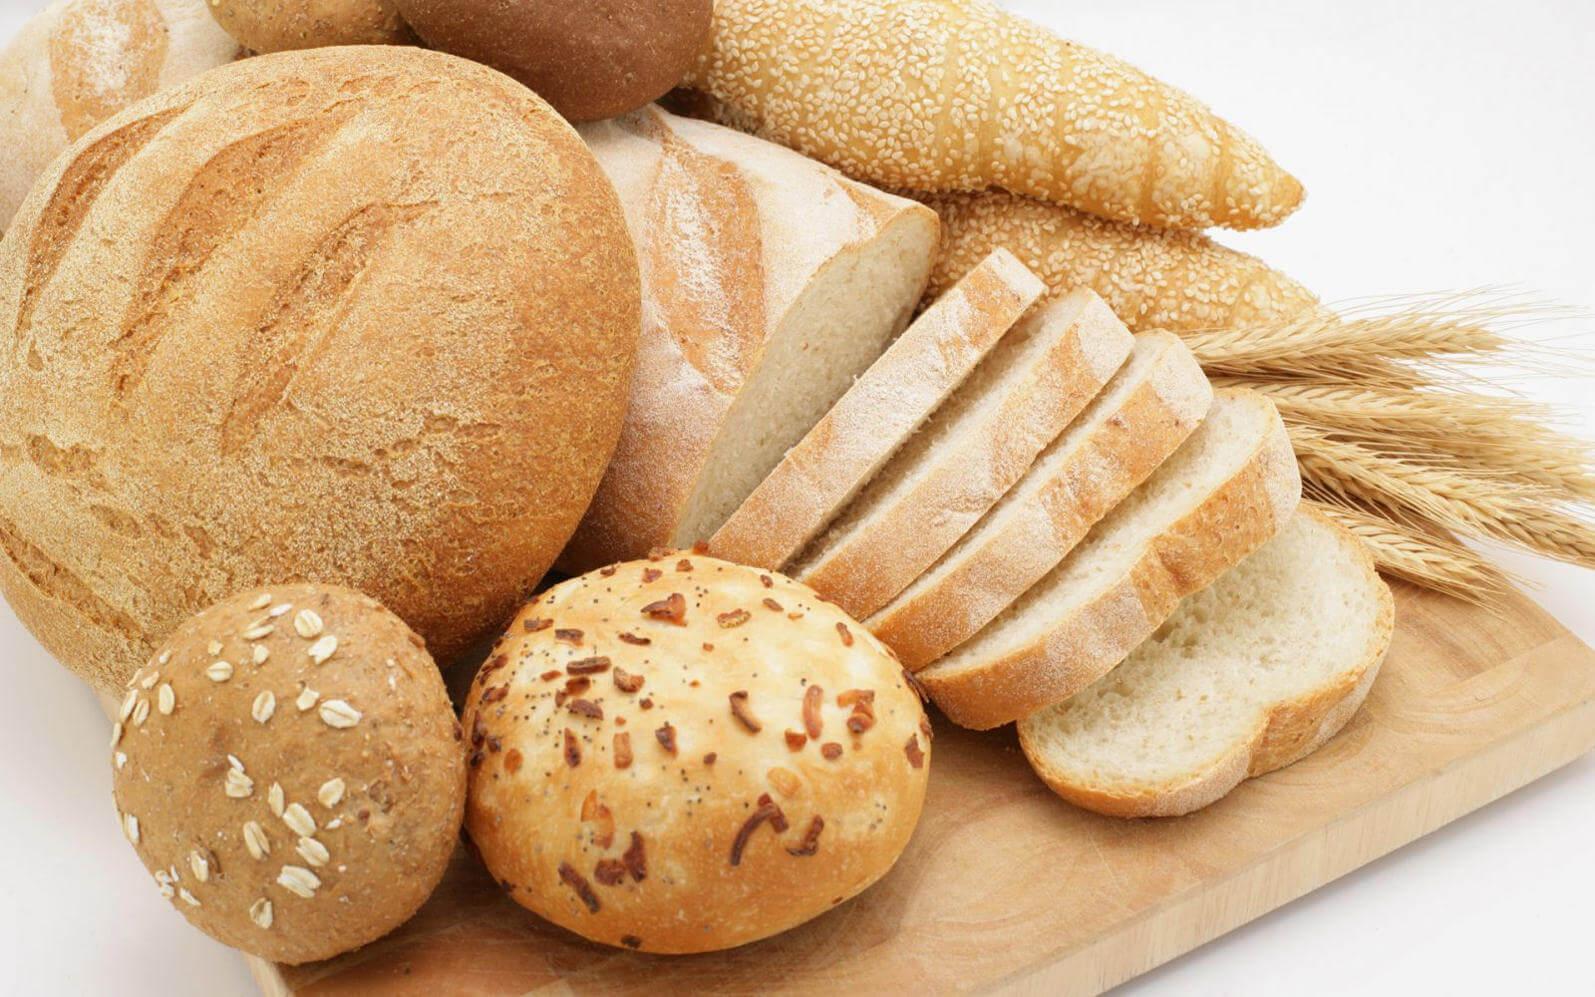 ВРоспотребнадзоре поведали оповышении качества хлеба за5 лет